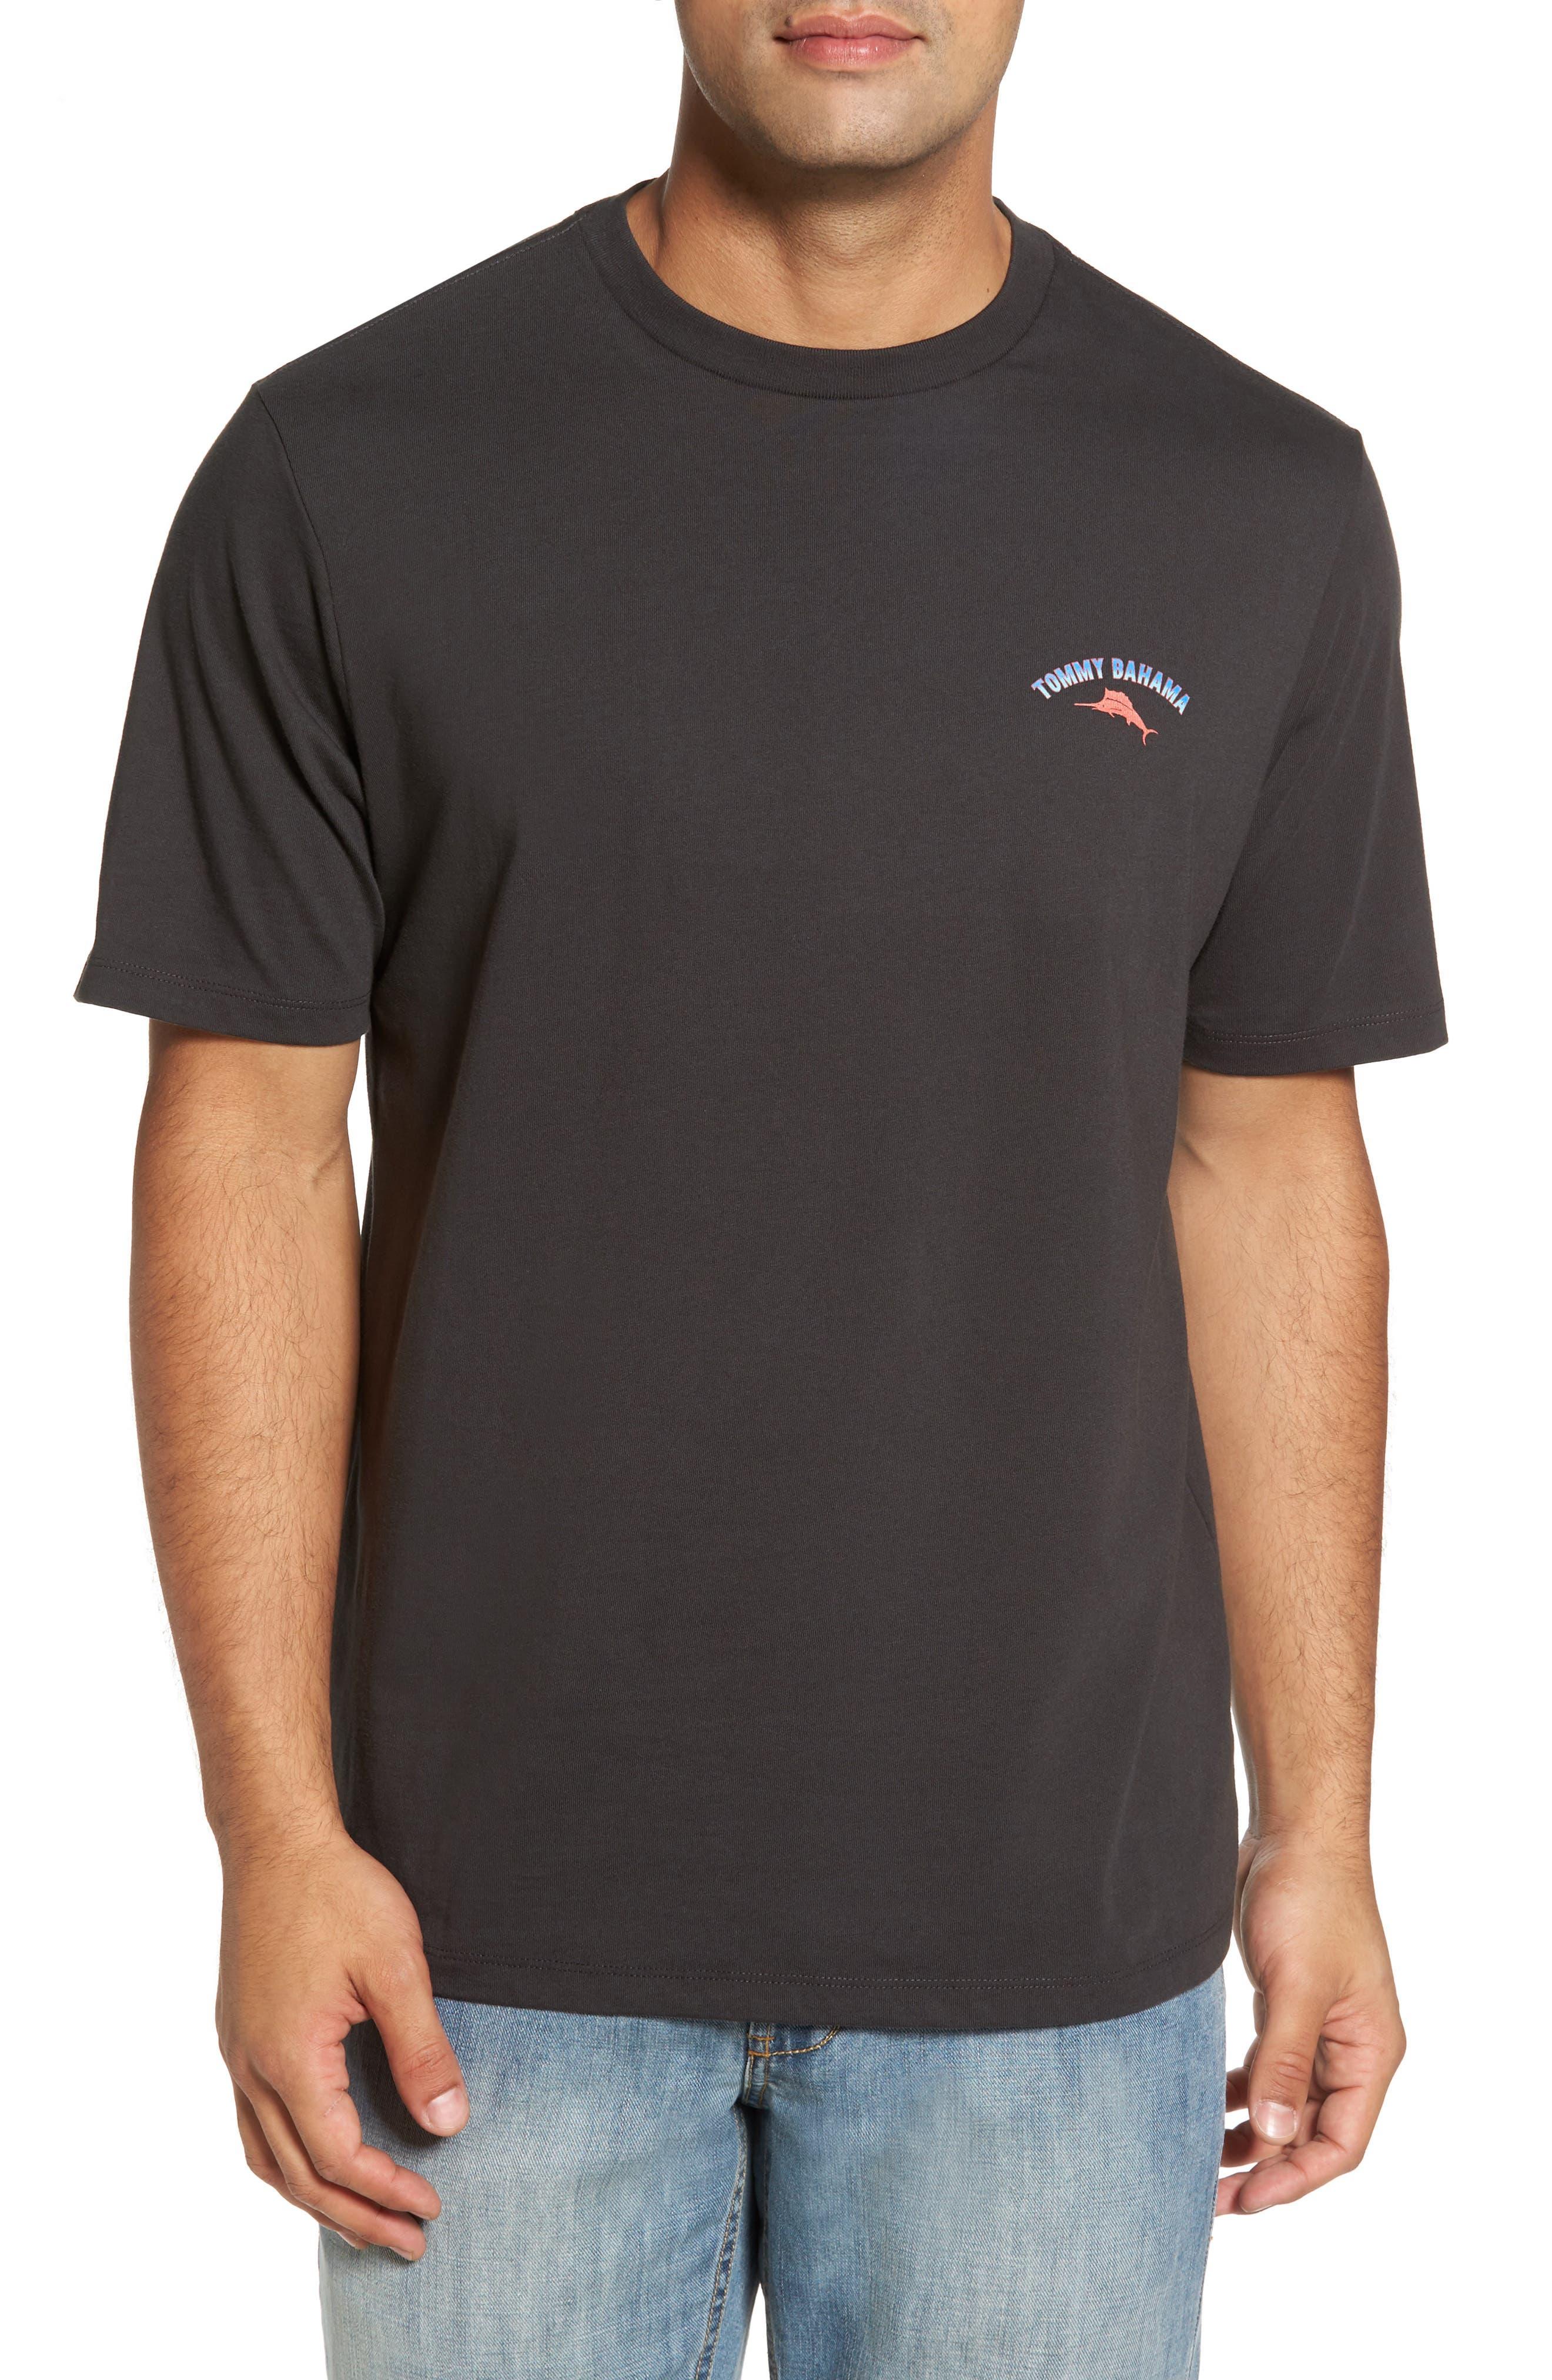 Alternate Image 1 Selected - Tommy Bahama Outside Limebacker T-Shirt